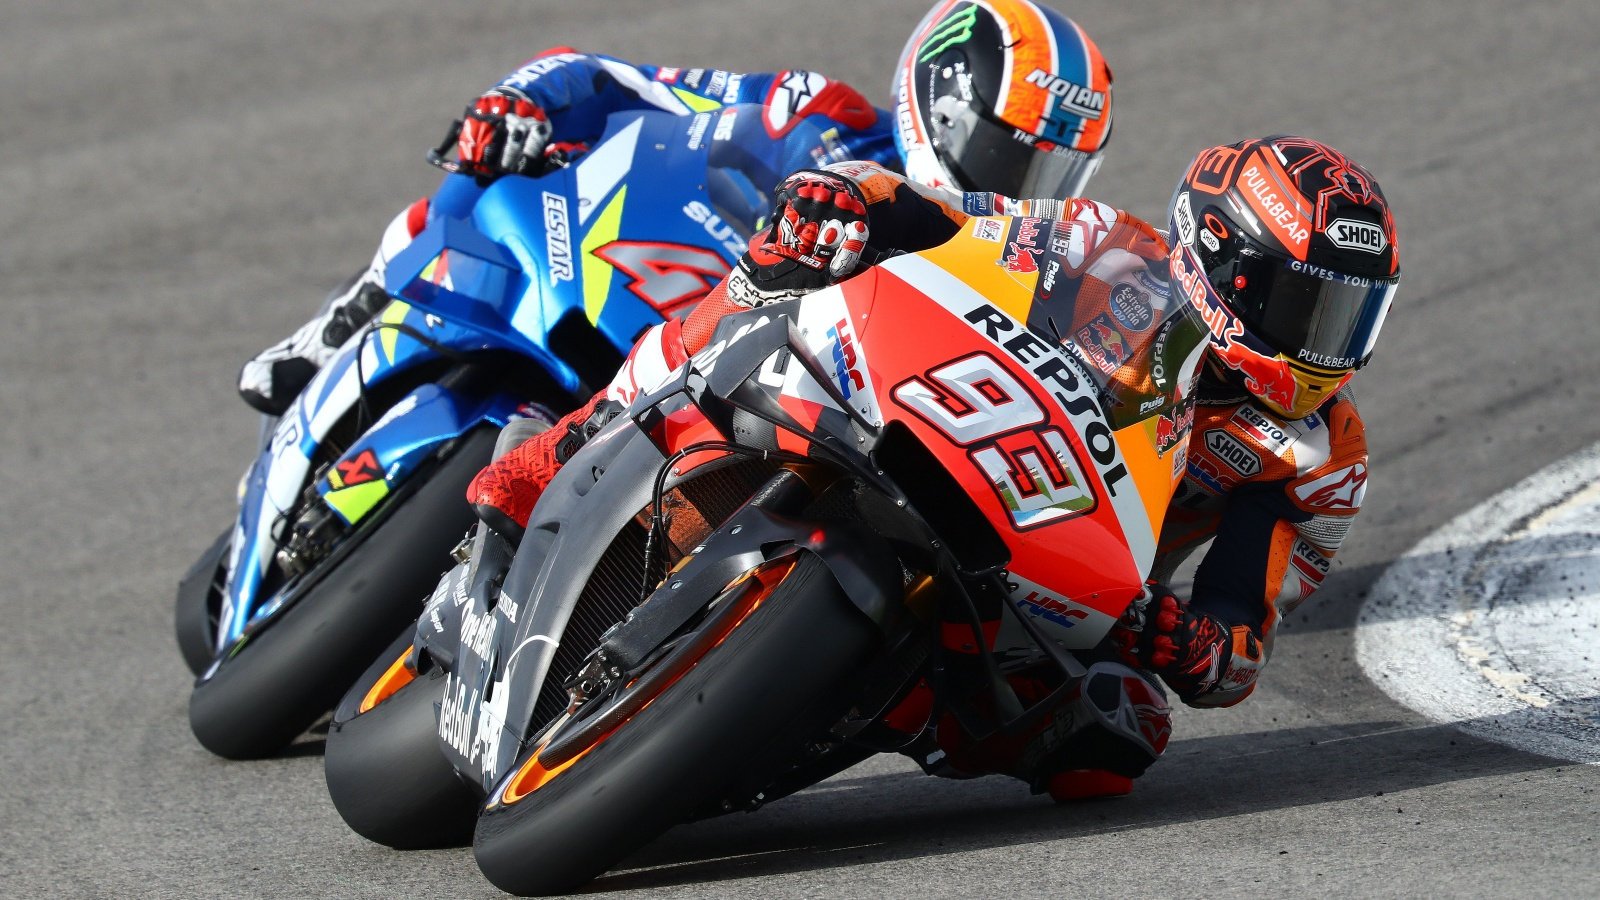 Horarios del test de pretemporada 2020 en Jerez para MotoGP, Moto2, Moto3 y MotoE